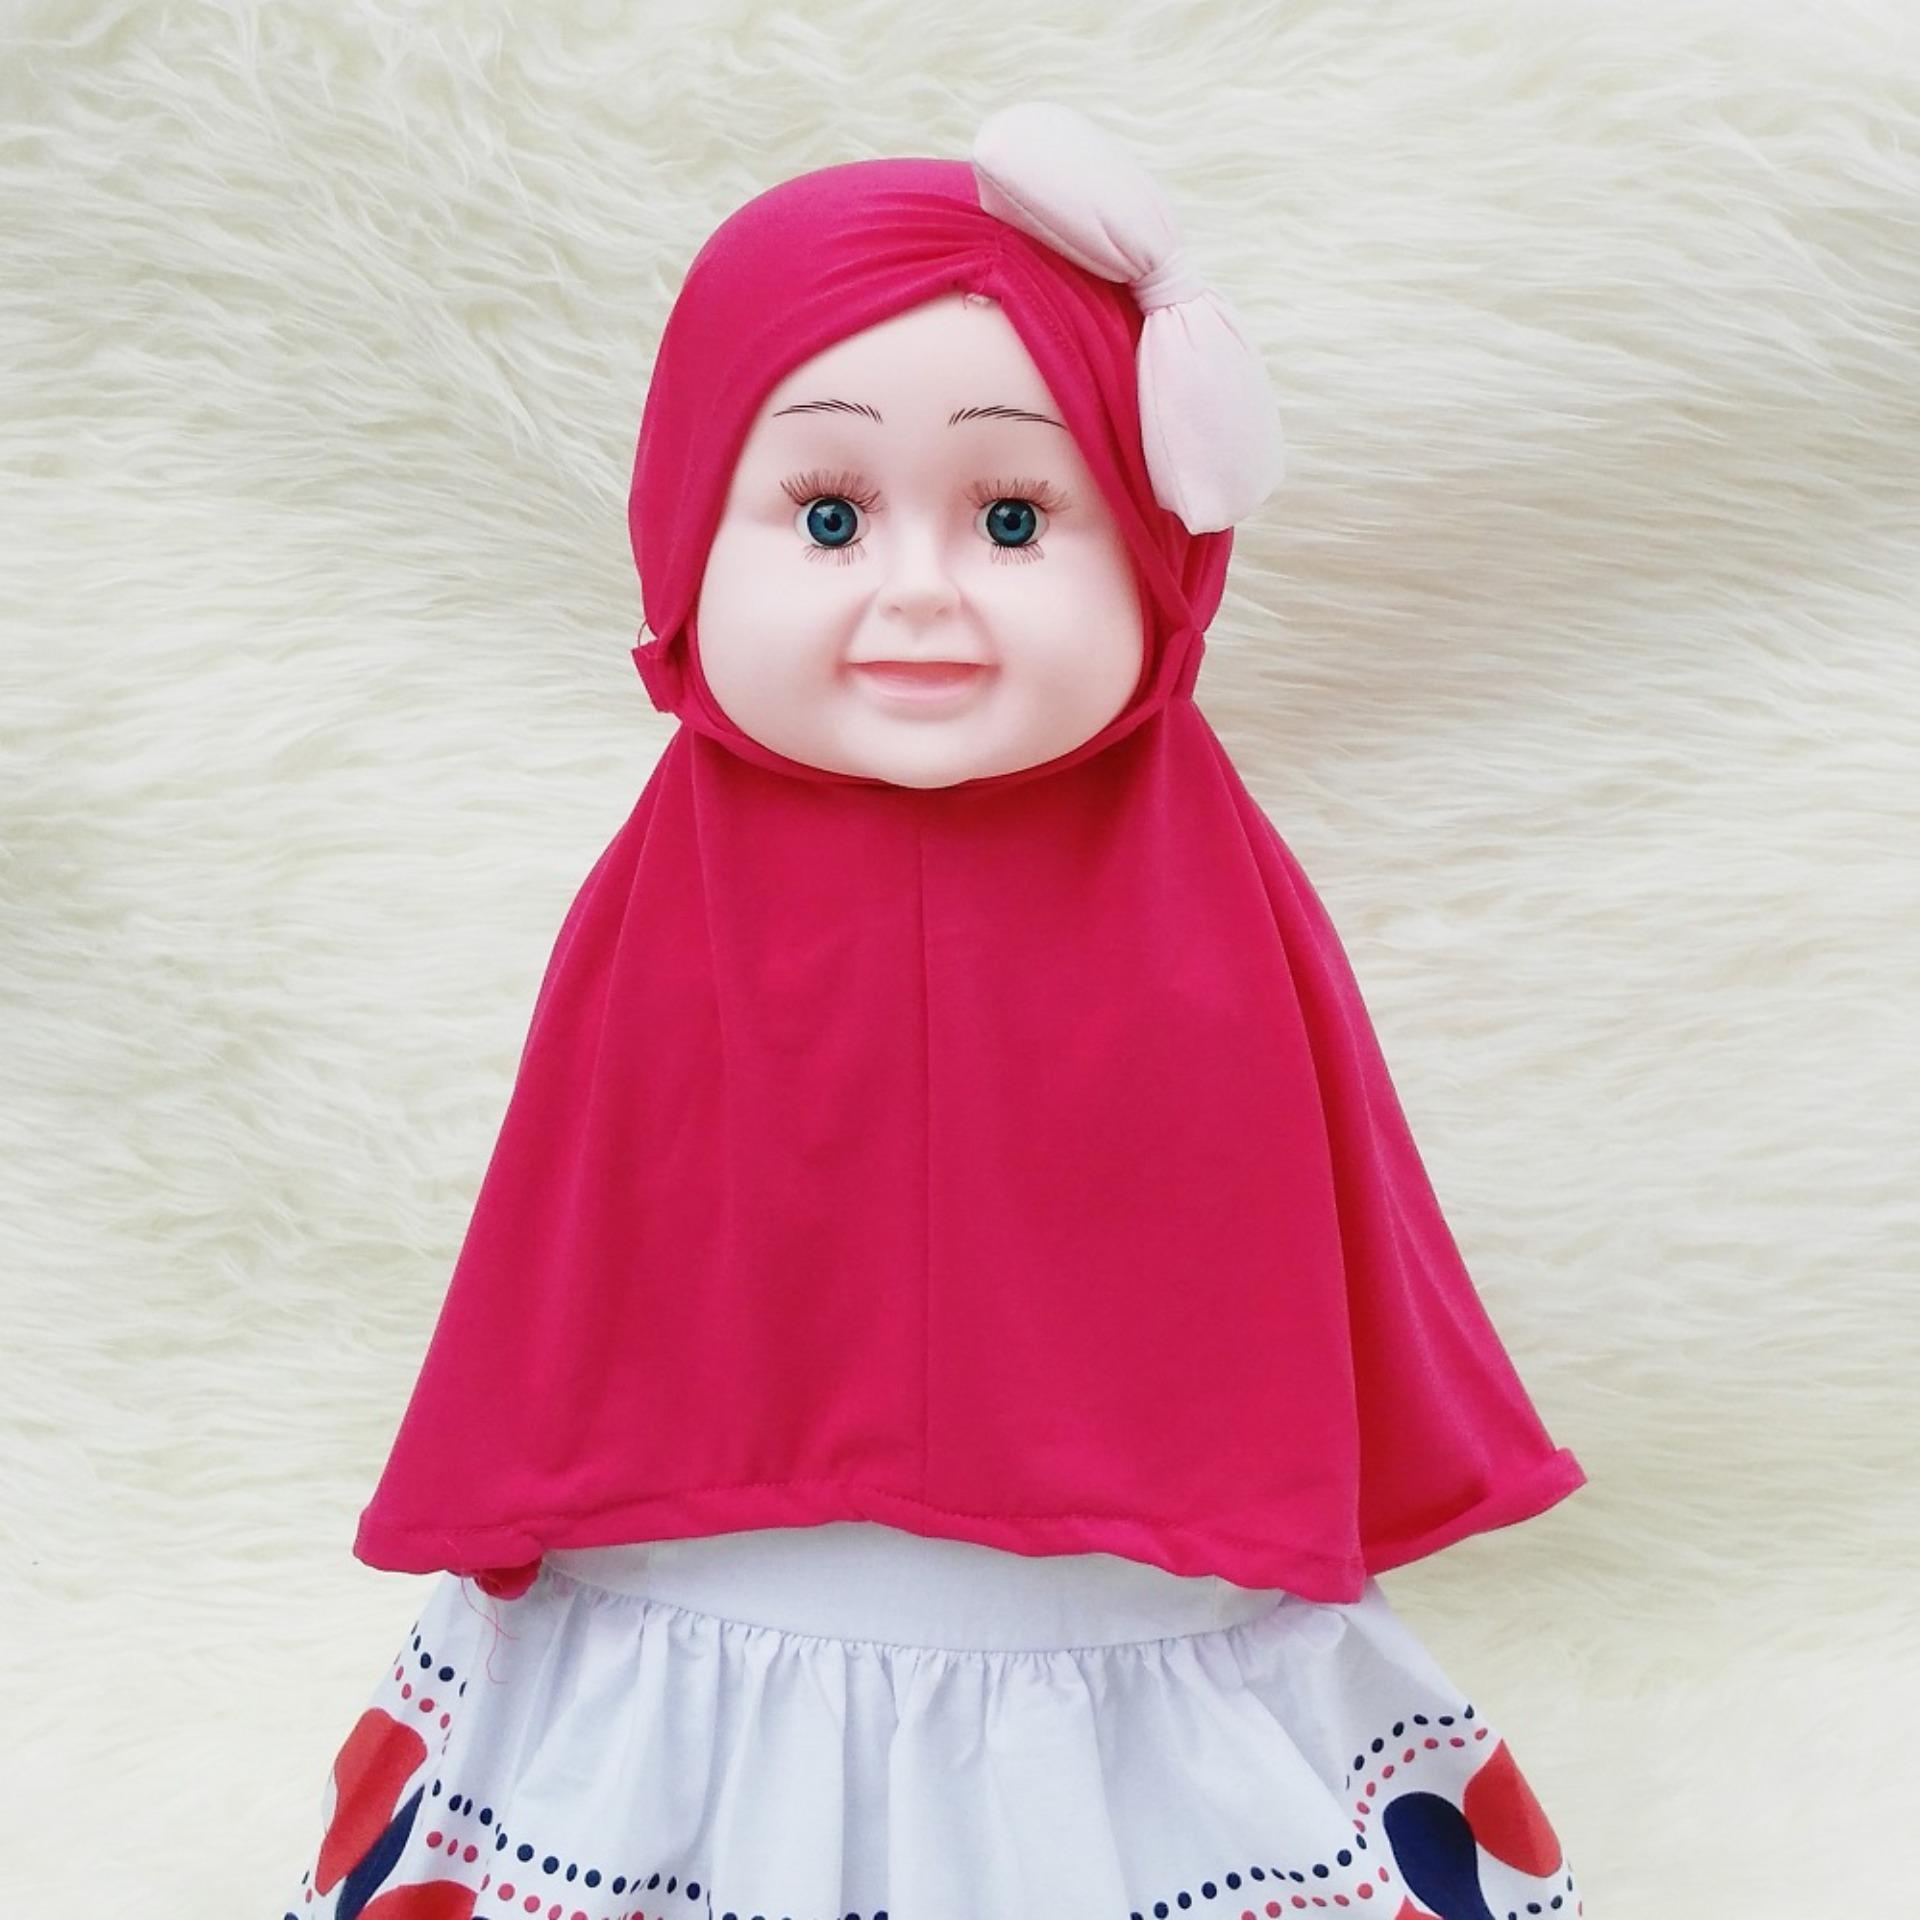 Diskon Hqo Kerudung Anak Bayi Aisyah Kerut Pita Jilbab Anak Bayi